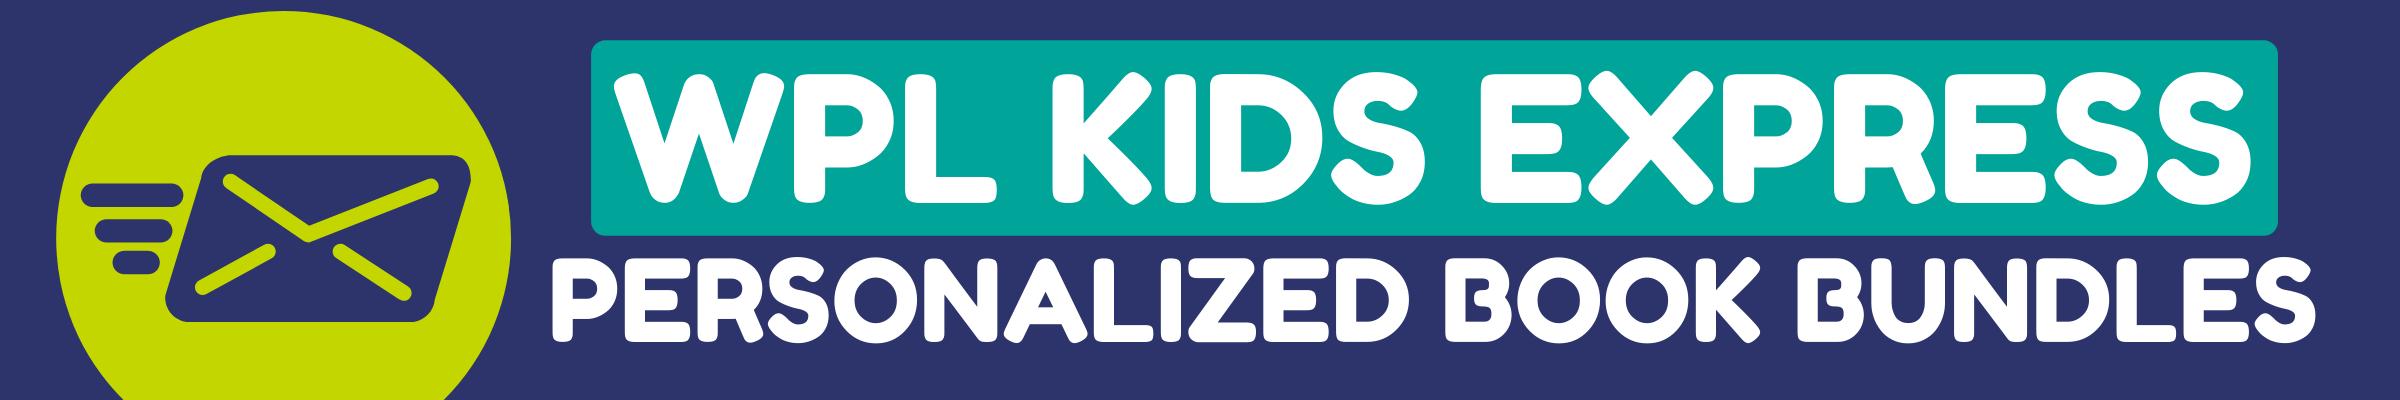 kids express services